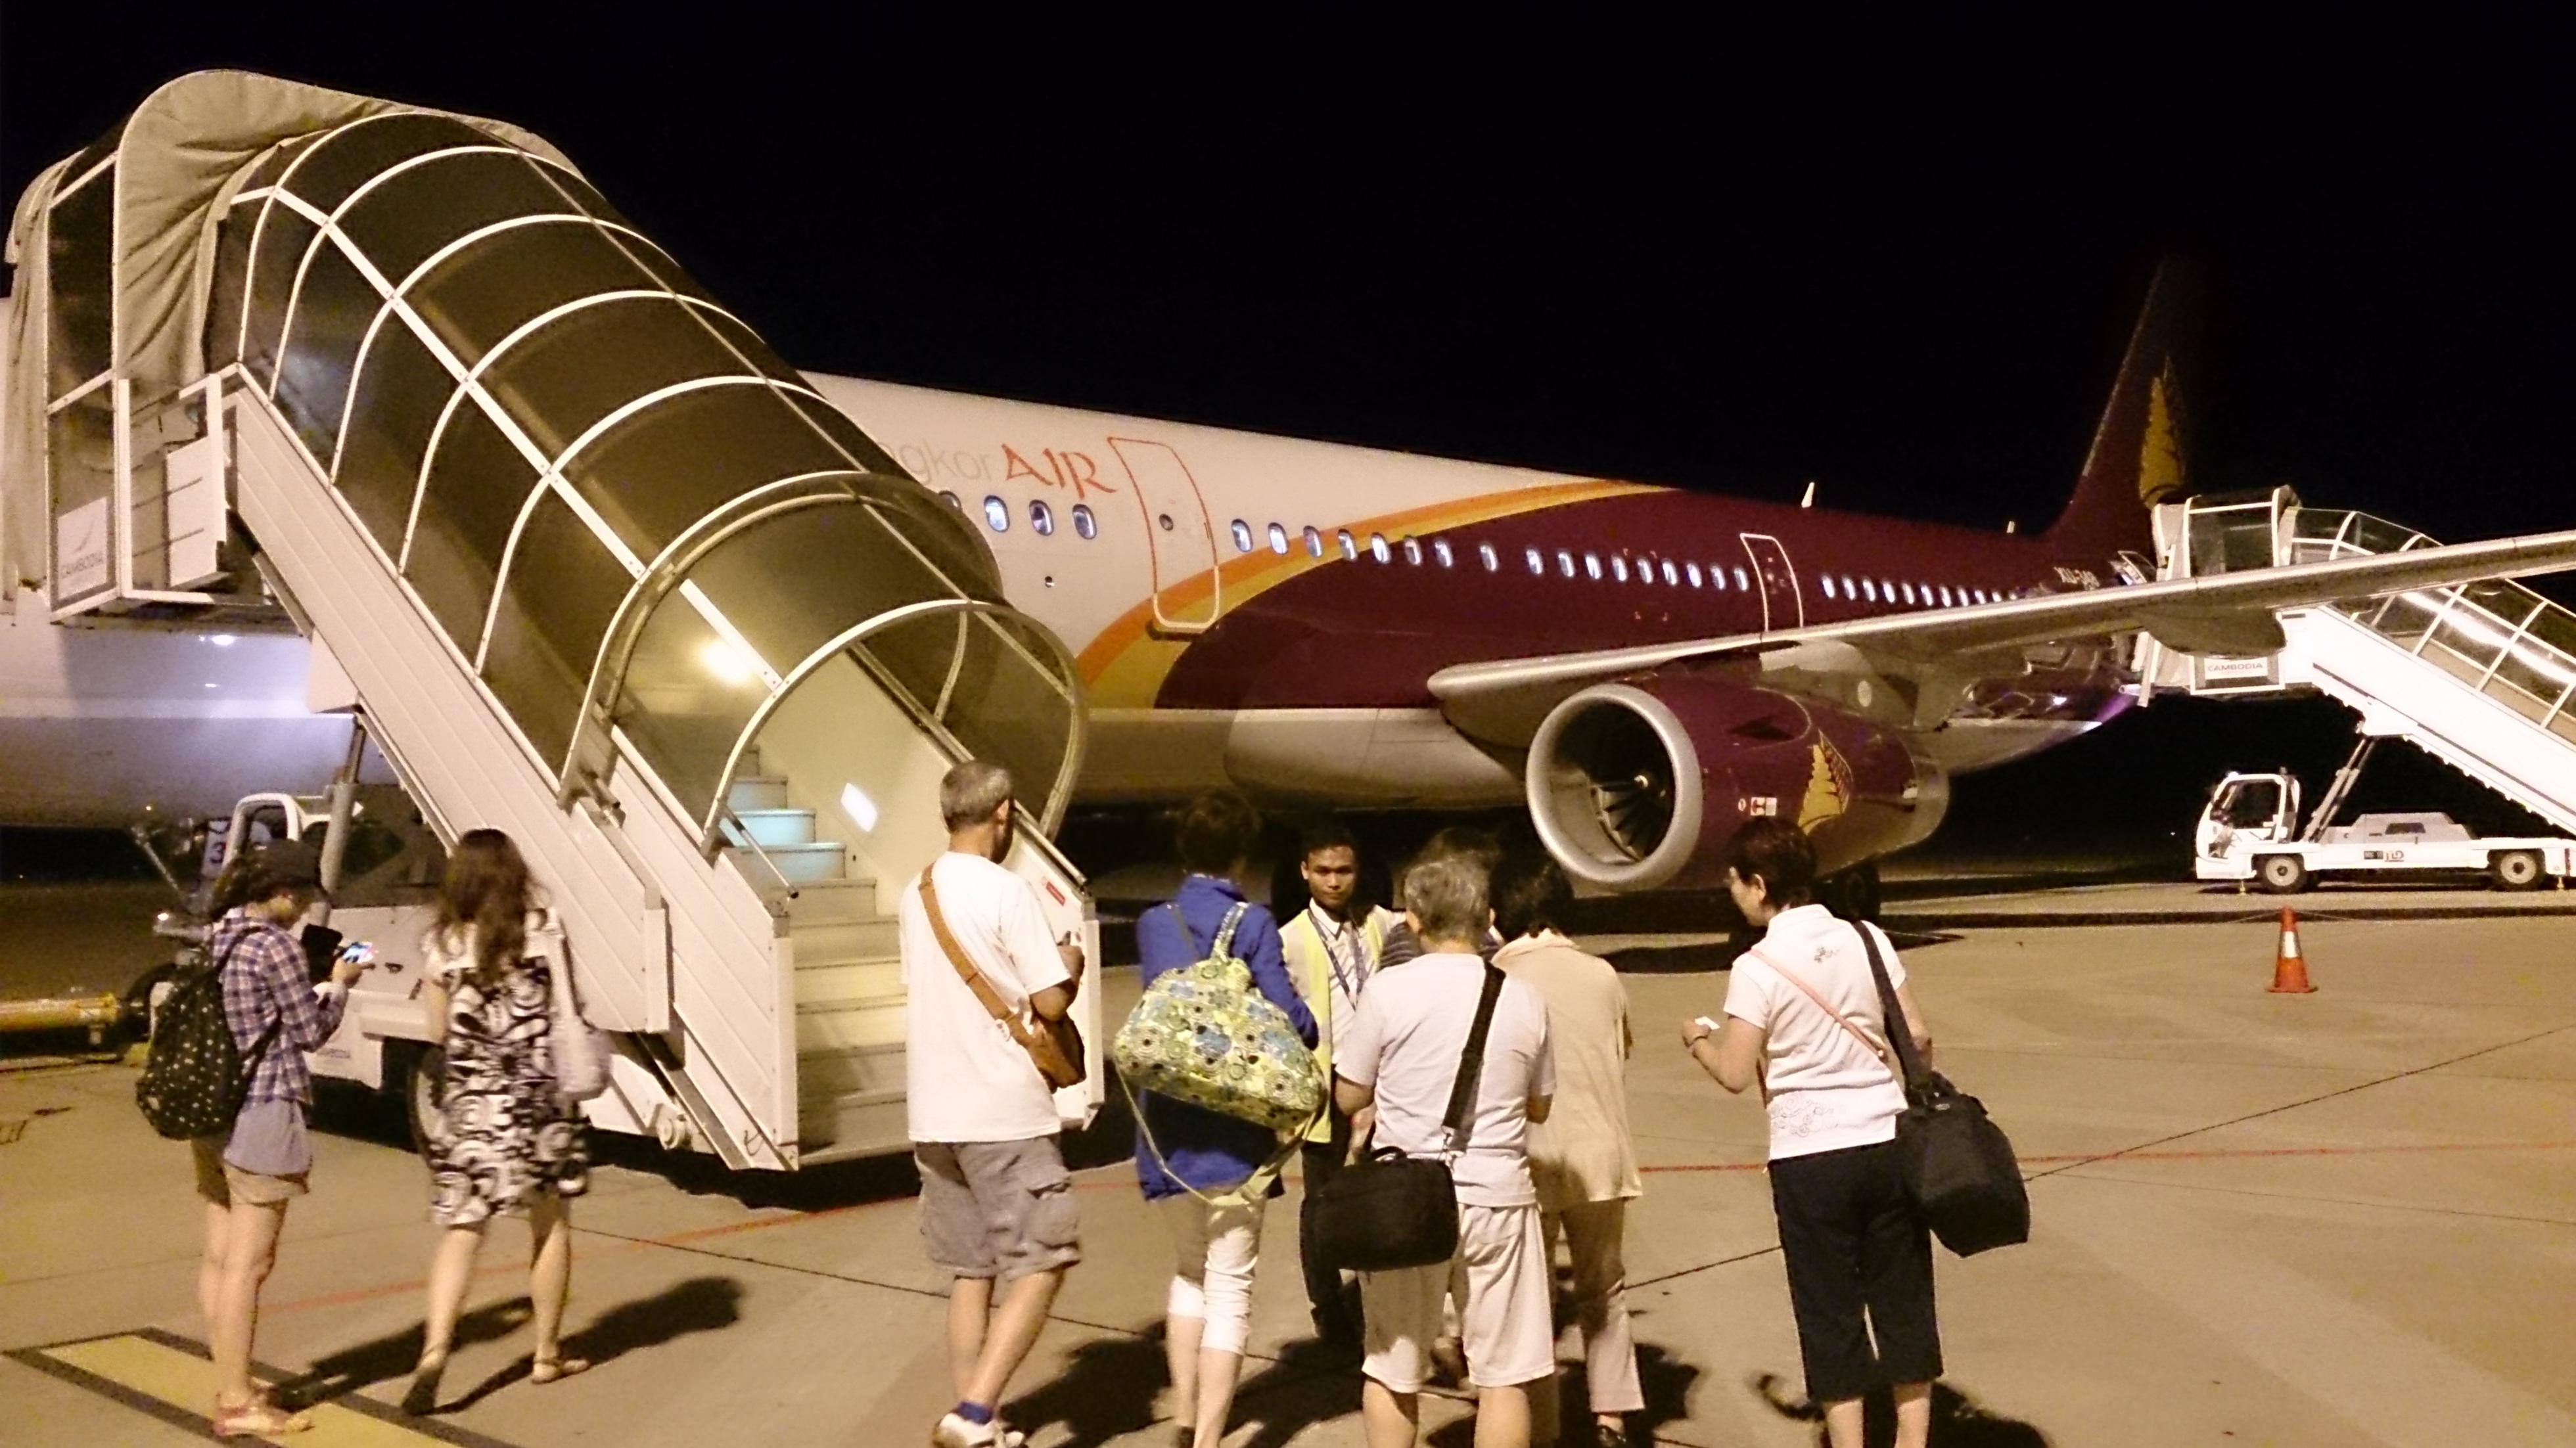 ベトナム航空のお下がりかよ!カンボジア・アンコール航空